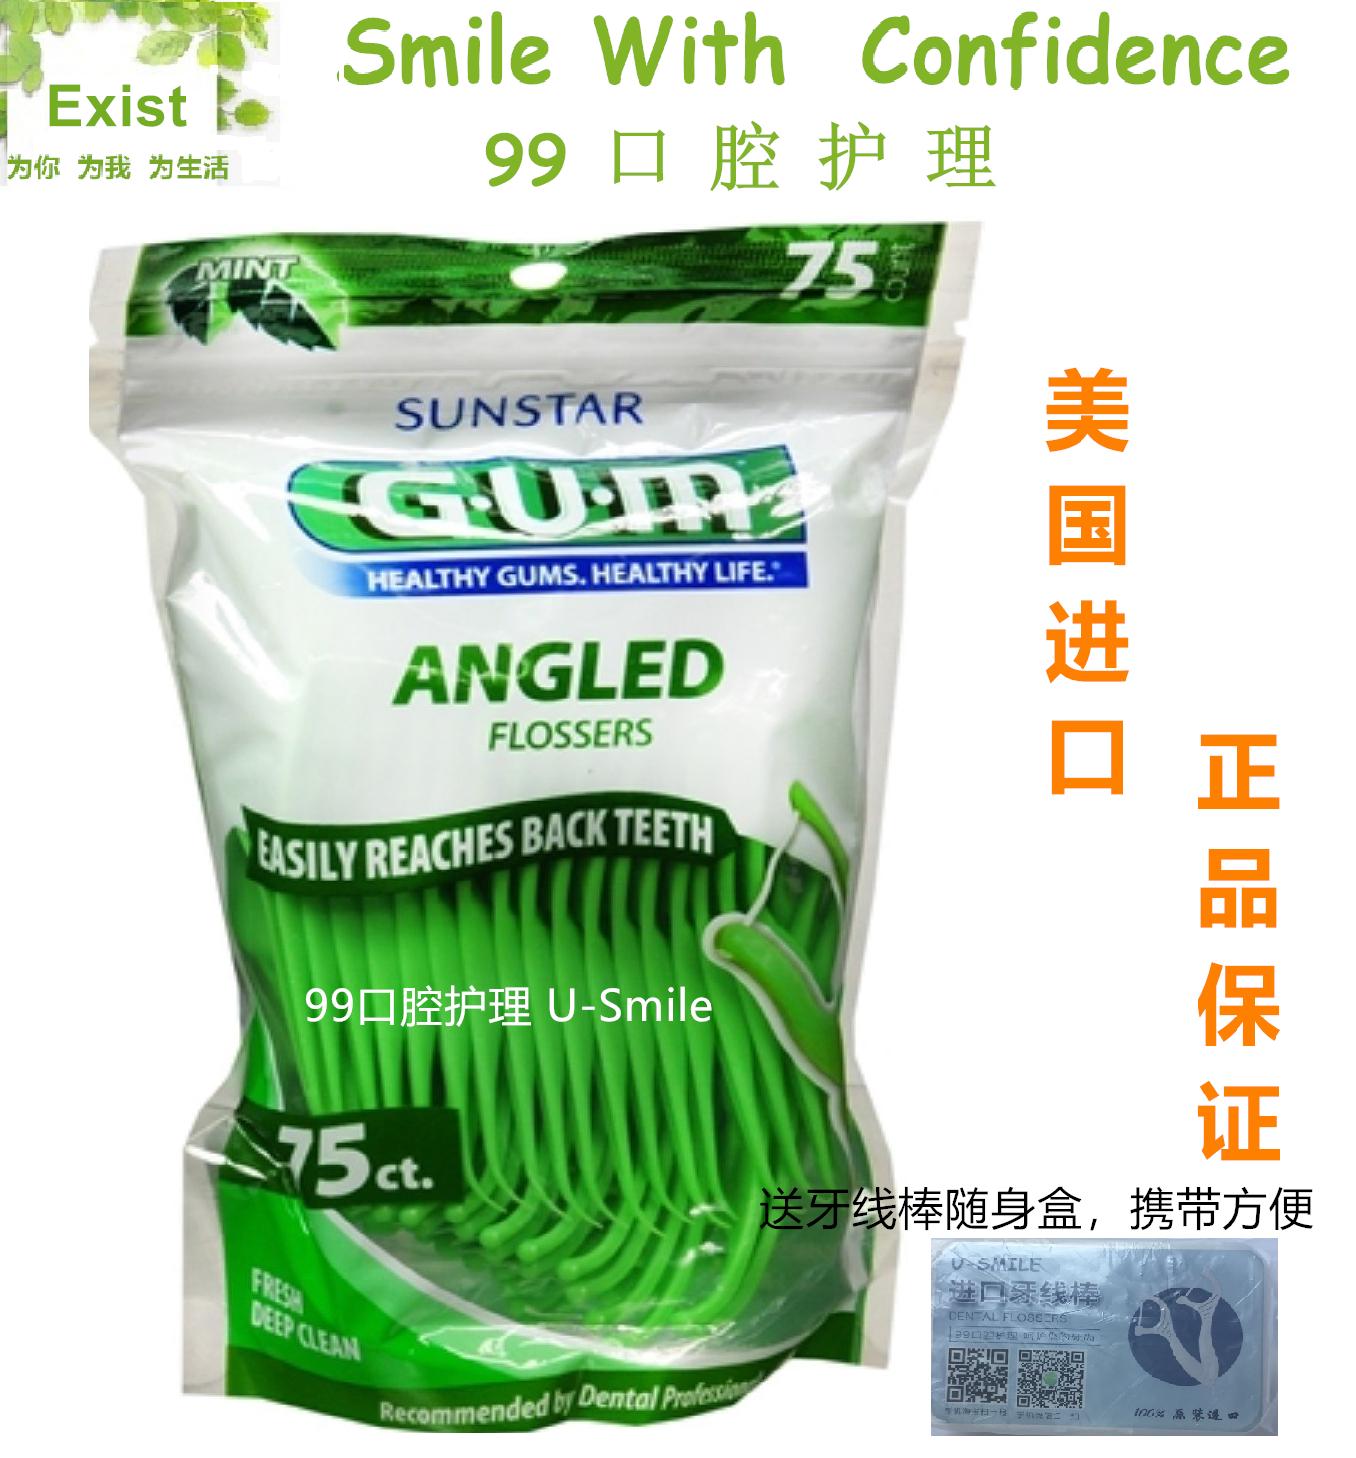 现货美国进口gum y型拜得乐牙线棒